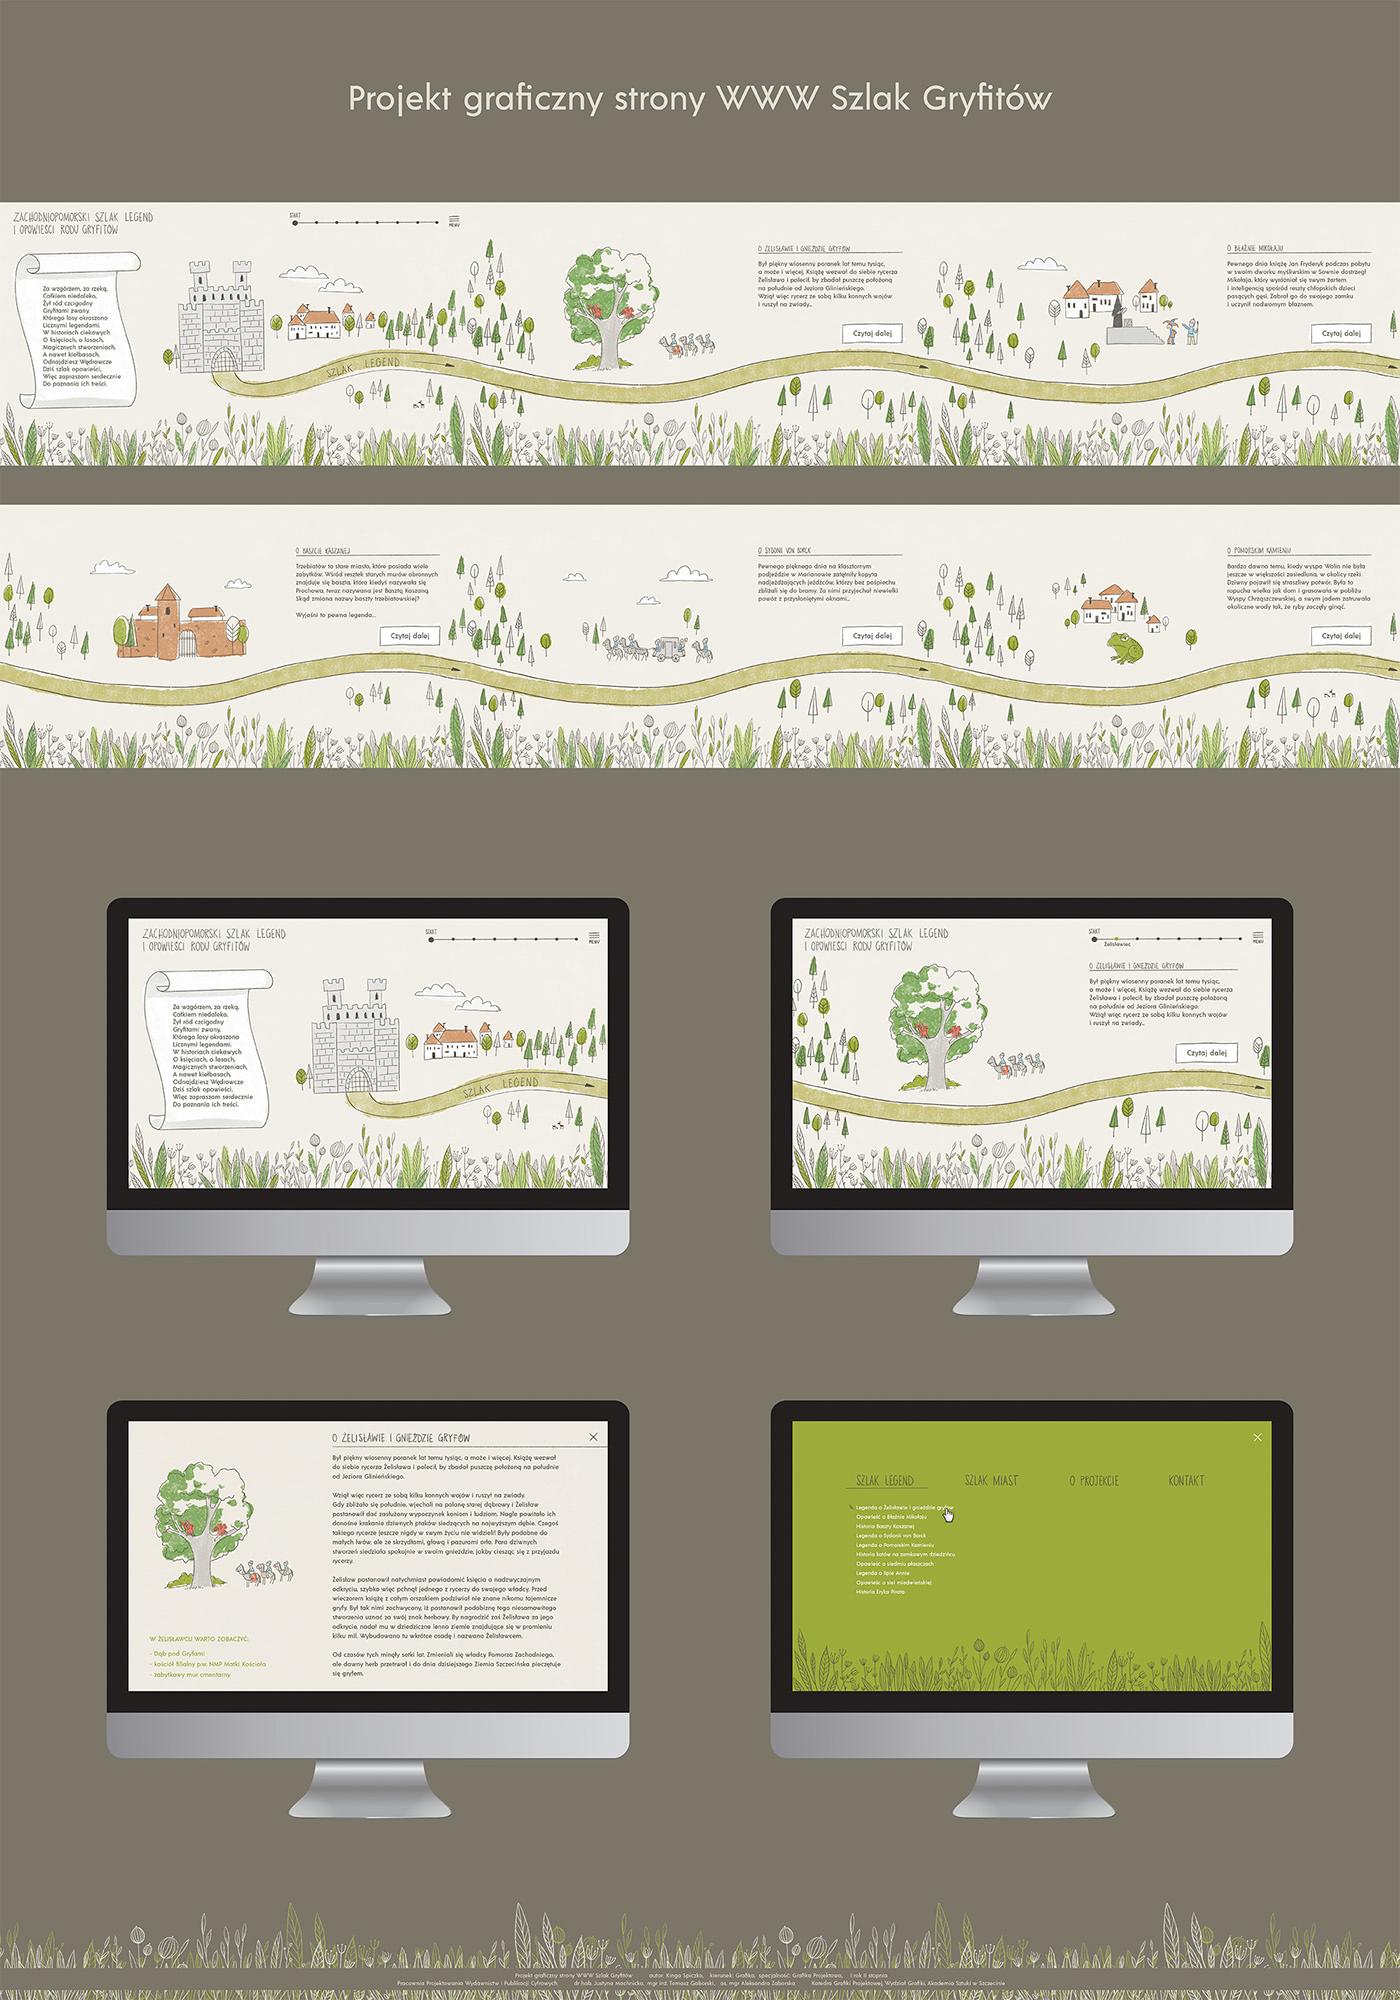 Gra onepage www Wydawnictwa